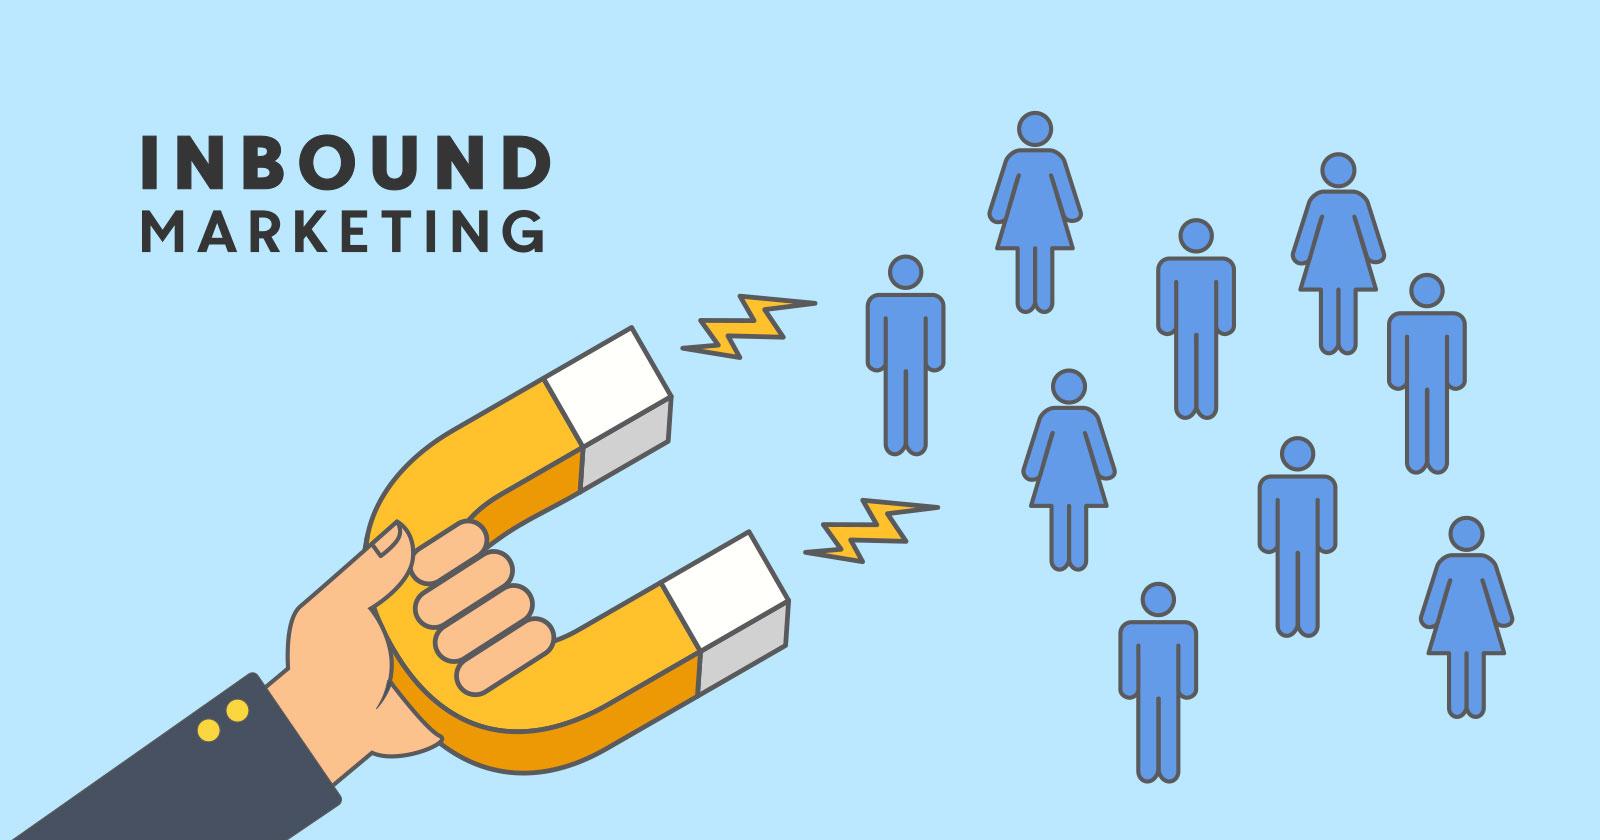 whitehat-inbound-marketing-1